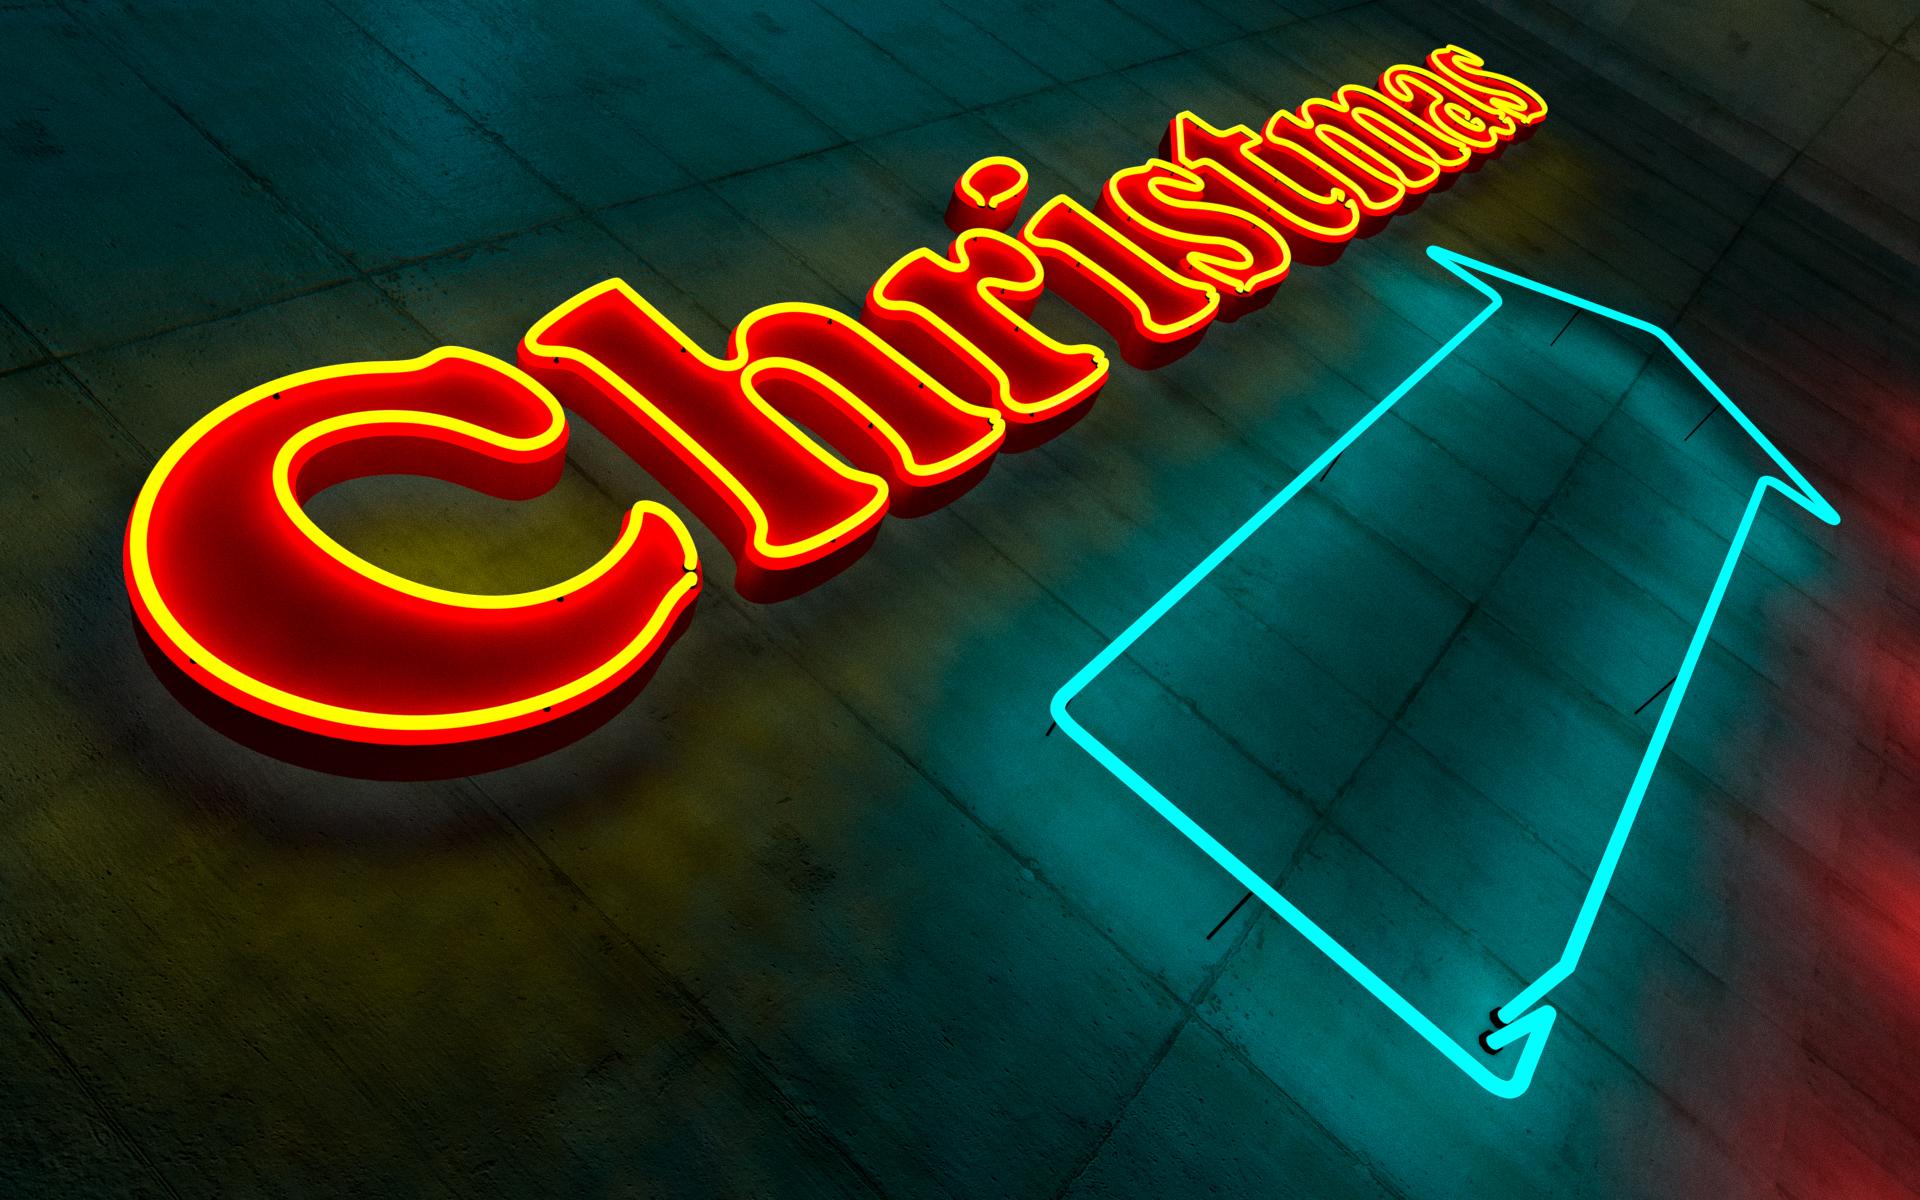 Neon Signs Wallpaper - WallpaperSafari